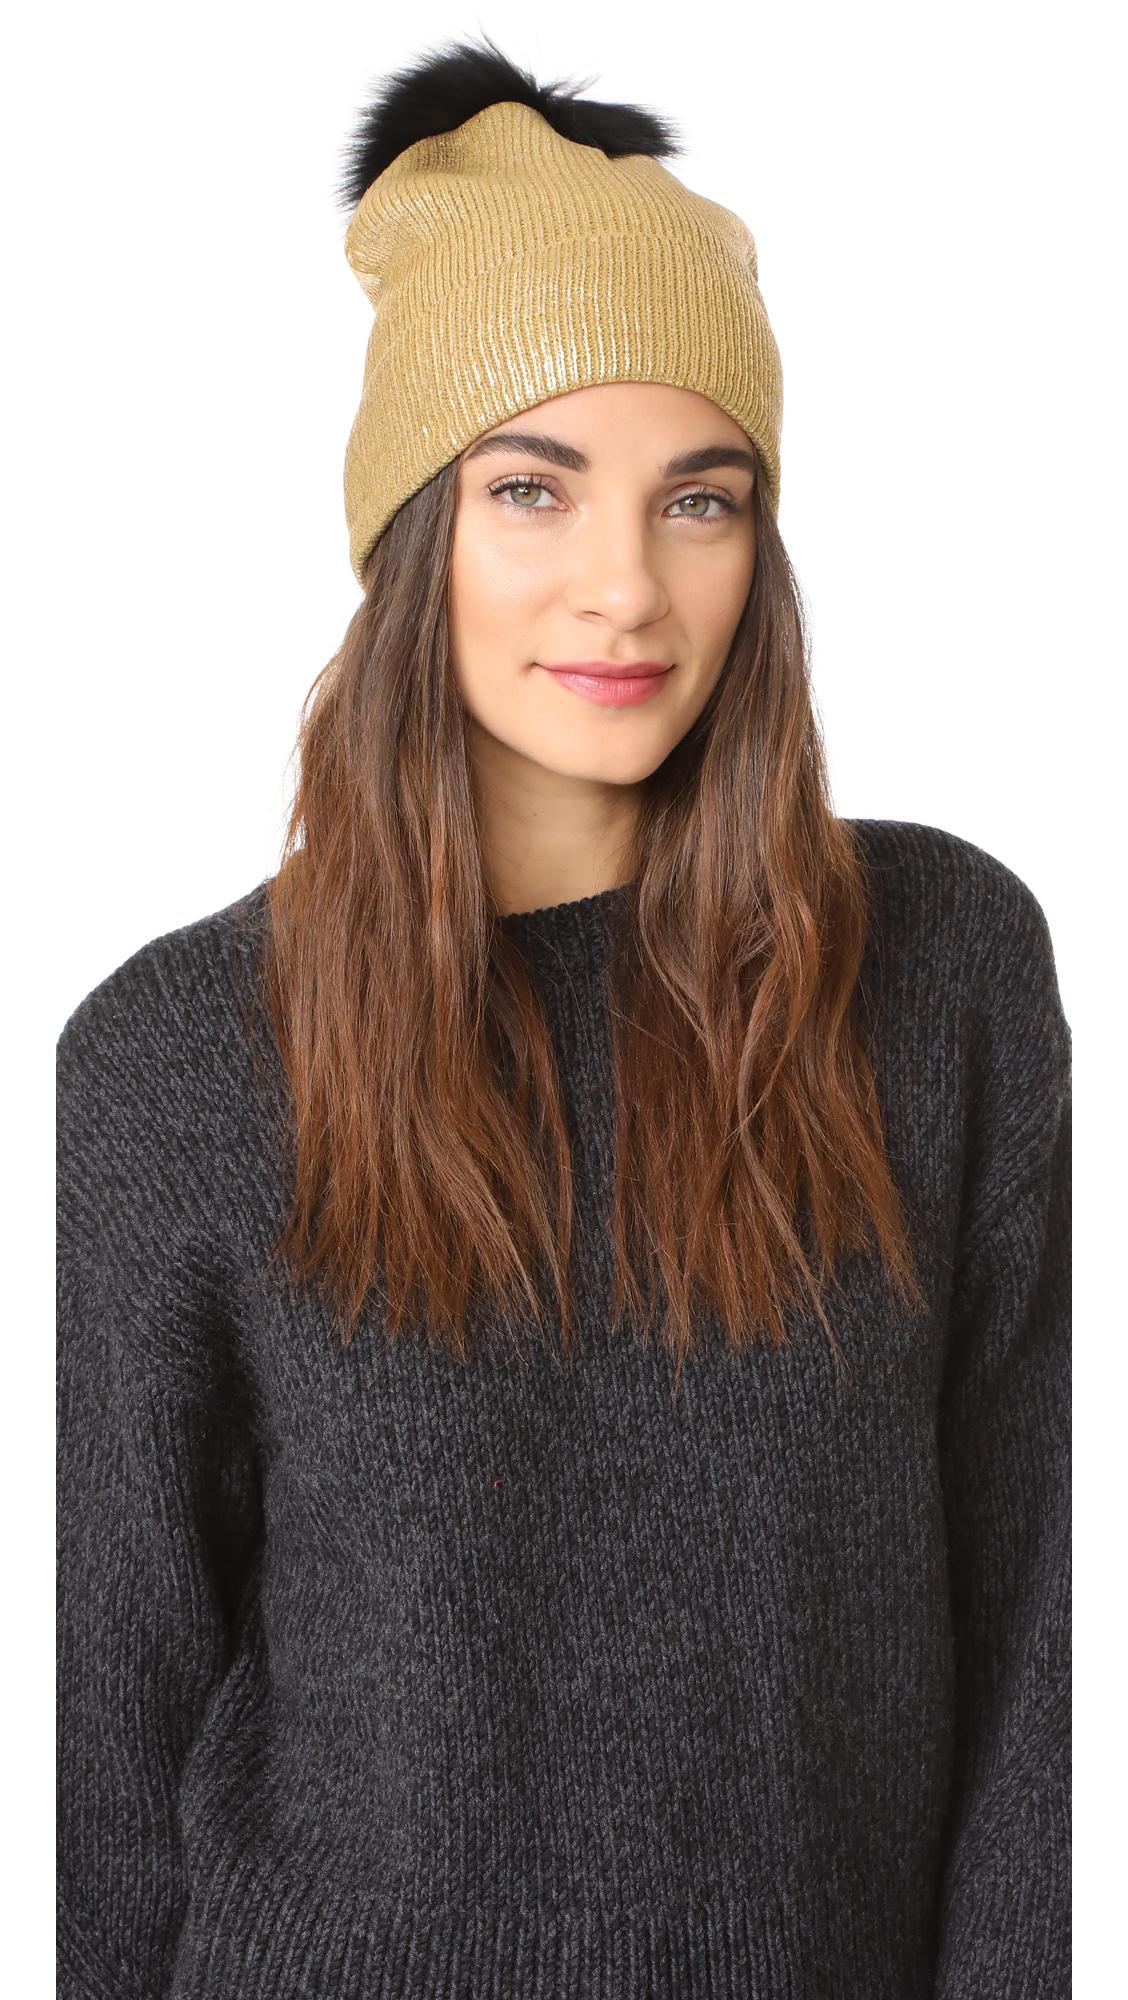 Jocelyn Metallic Beanie Pom Hat - Gold